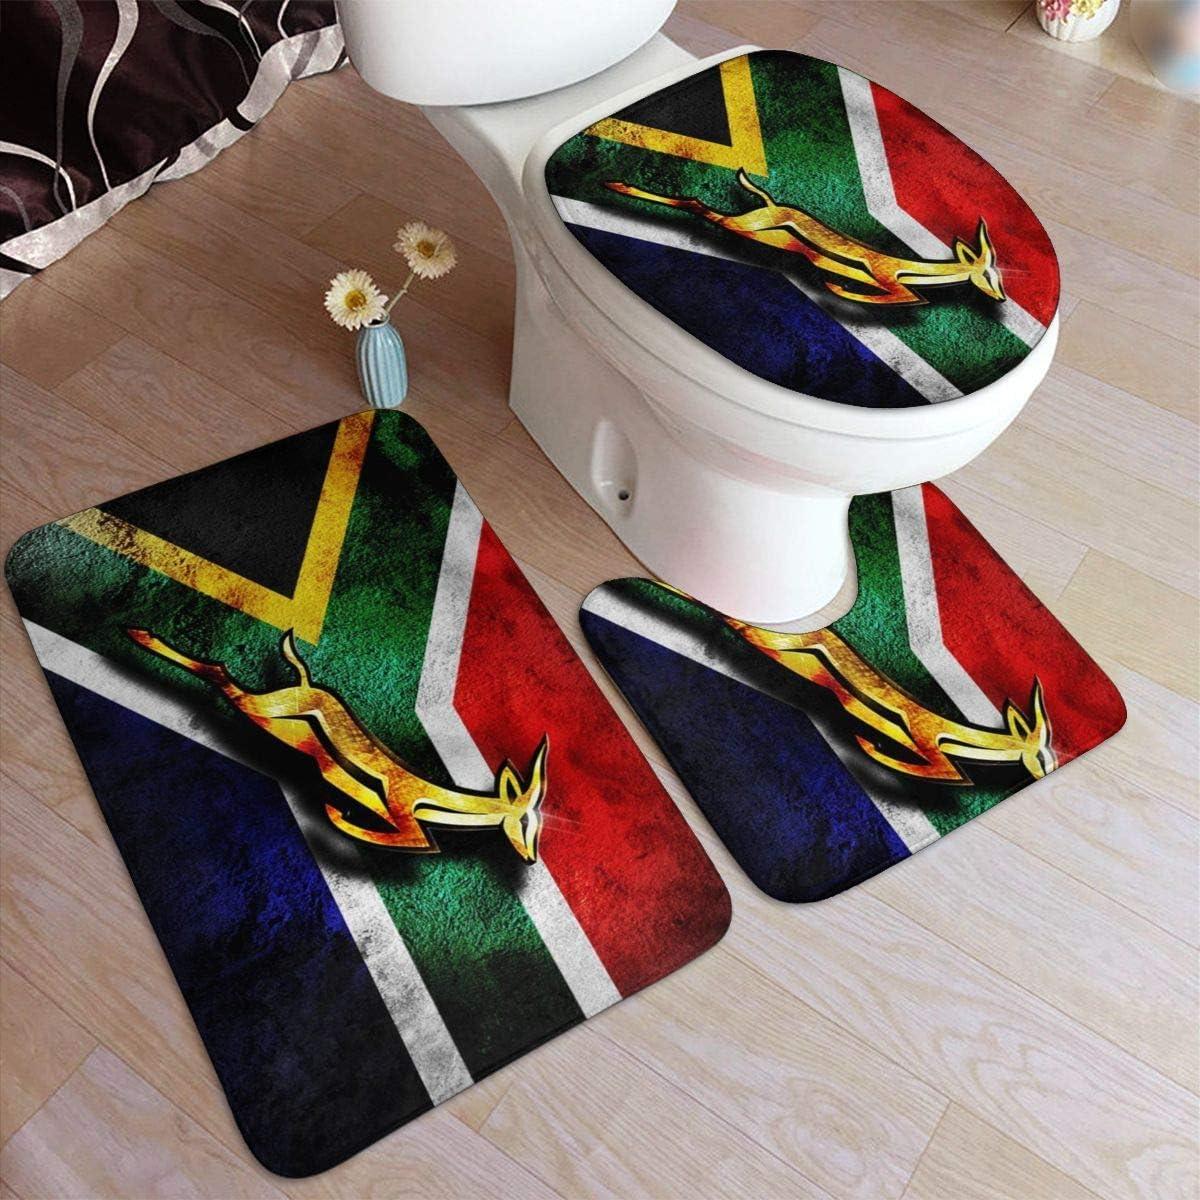 Taroot AA Bandera de Sudáfrica Emblema Africano Springbok Alfombra de baño de Franela cómoda Alfombrillas de baño Juego de 3 Piezas Blandas